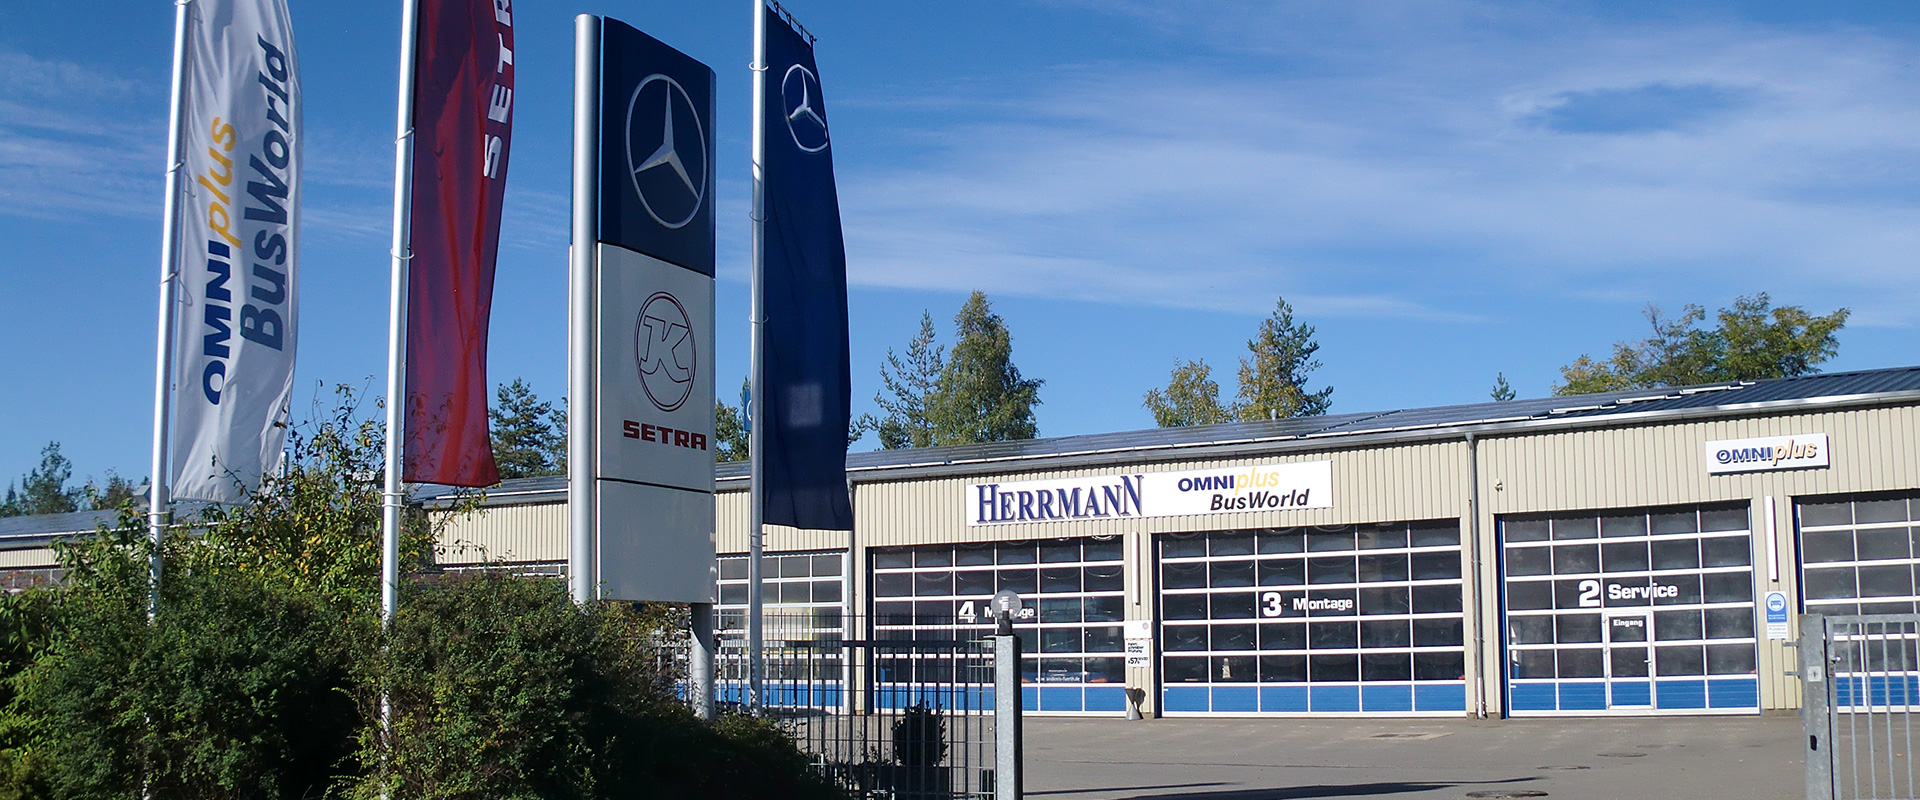 Betriebshof | E. Herrmann GmbH setragv